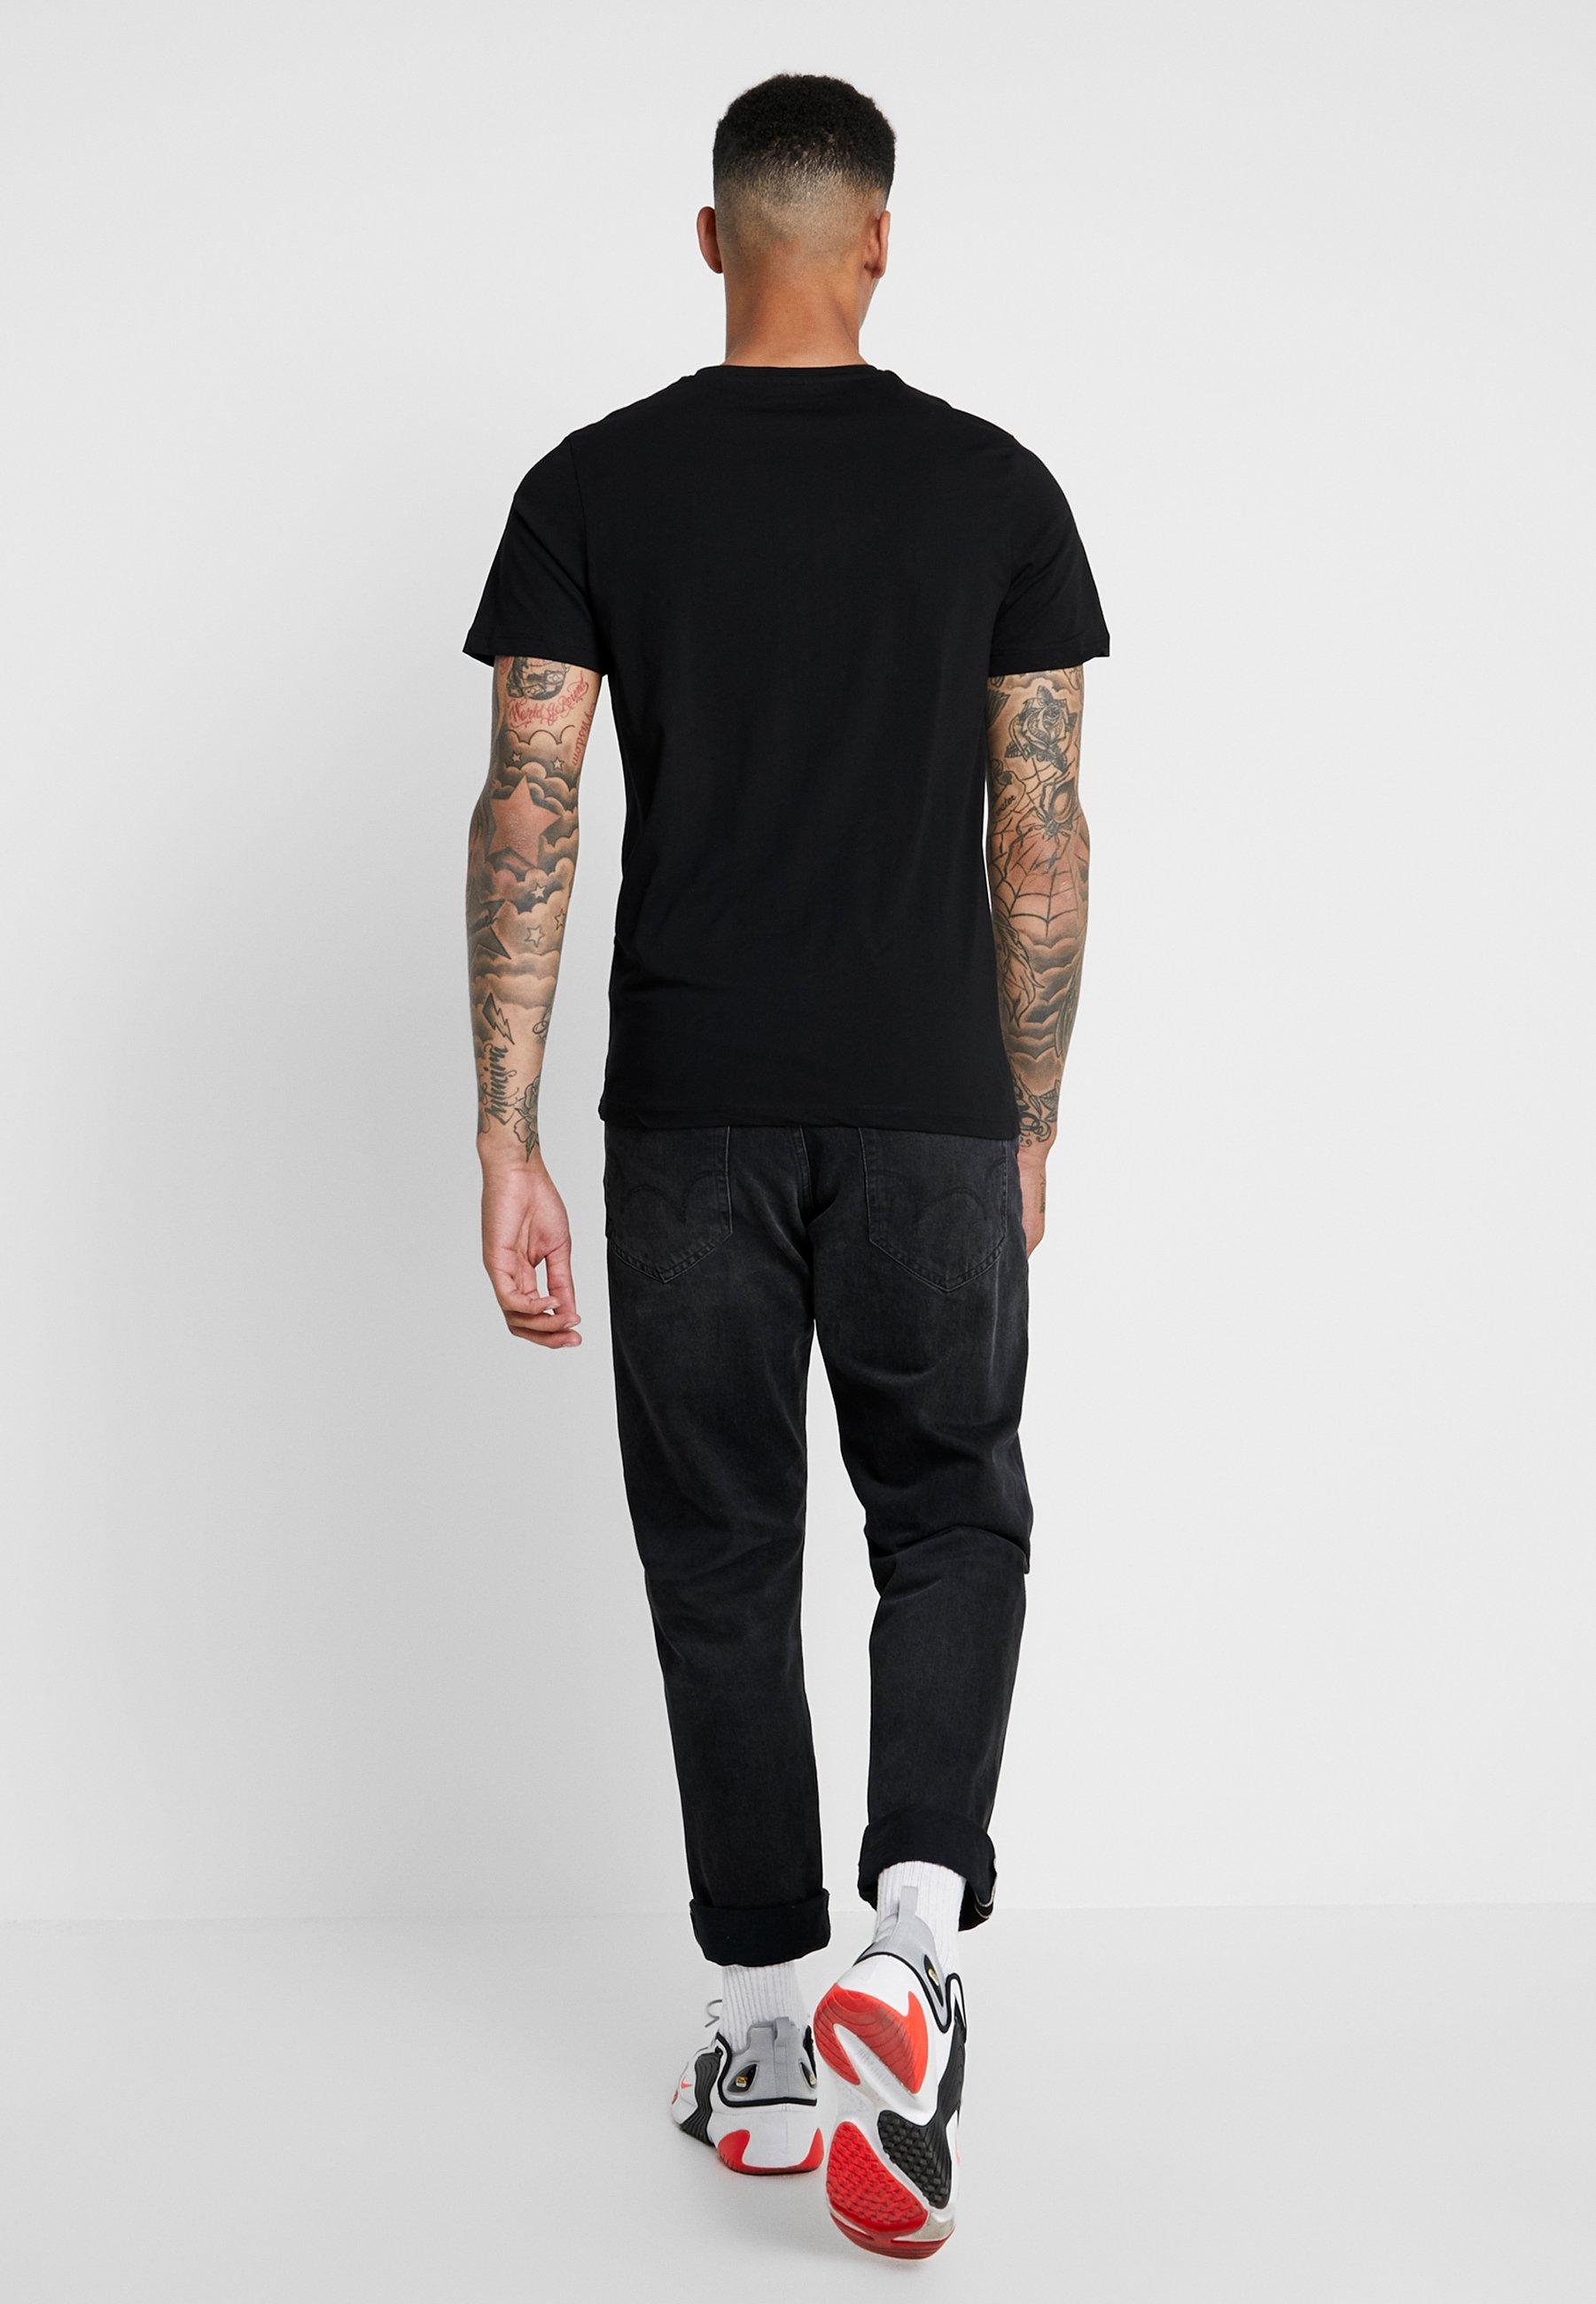 Jones Tee Black Joradventure Crew NeckT Jackamp; Imprimé shirt ZuXiPOk